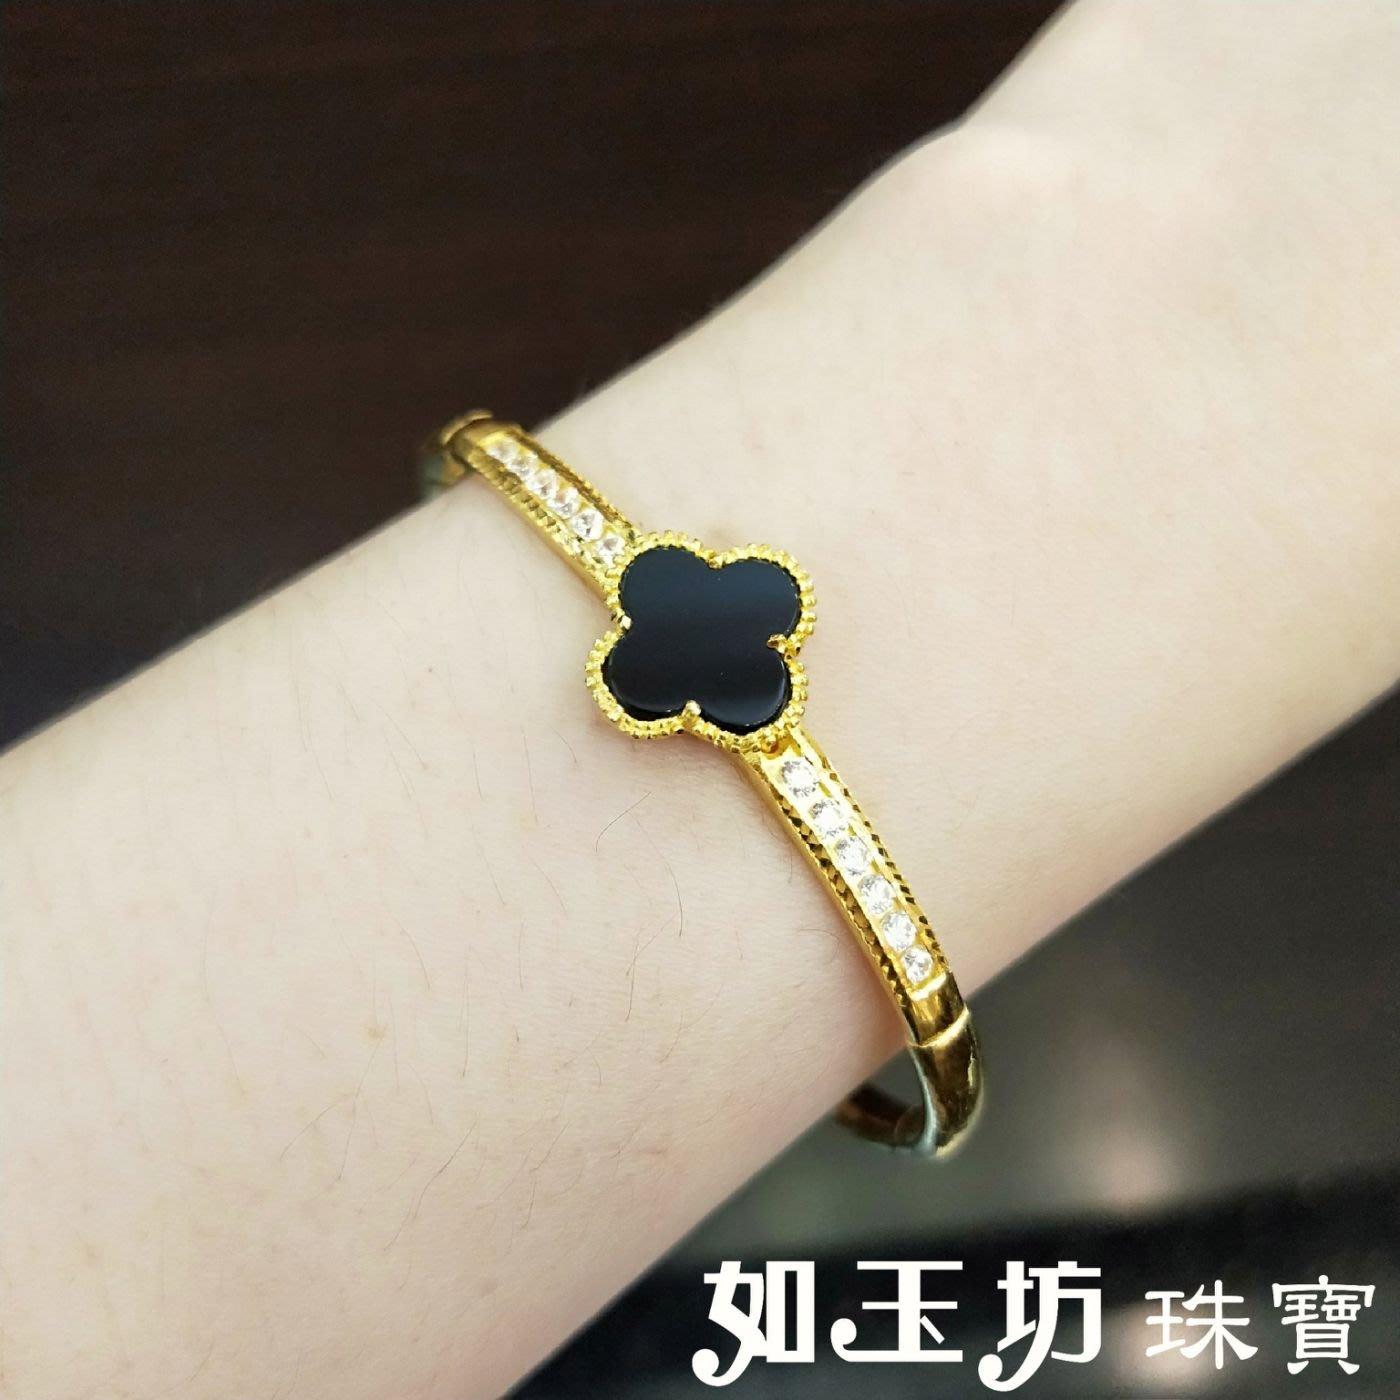 如玉坊珠寶   進口黑瑪瑙幸運草鋯石手環  黃金手環  A122563